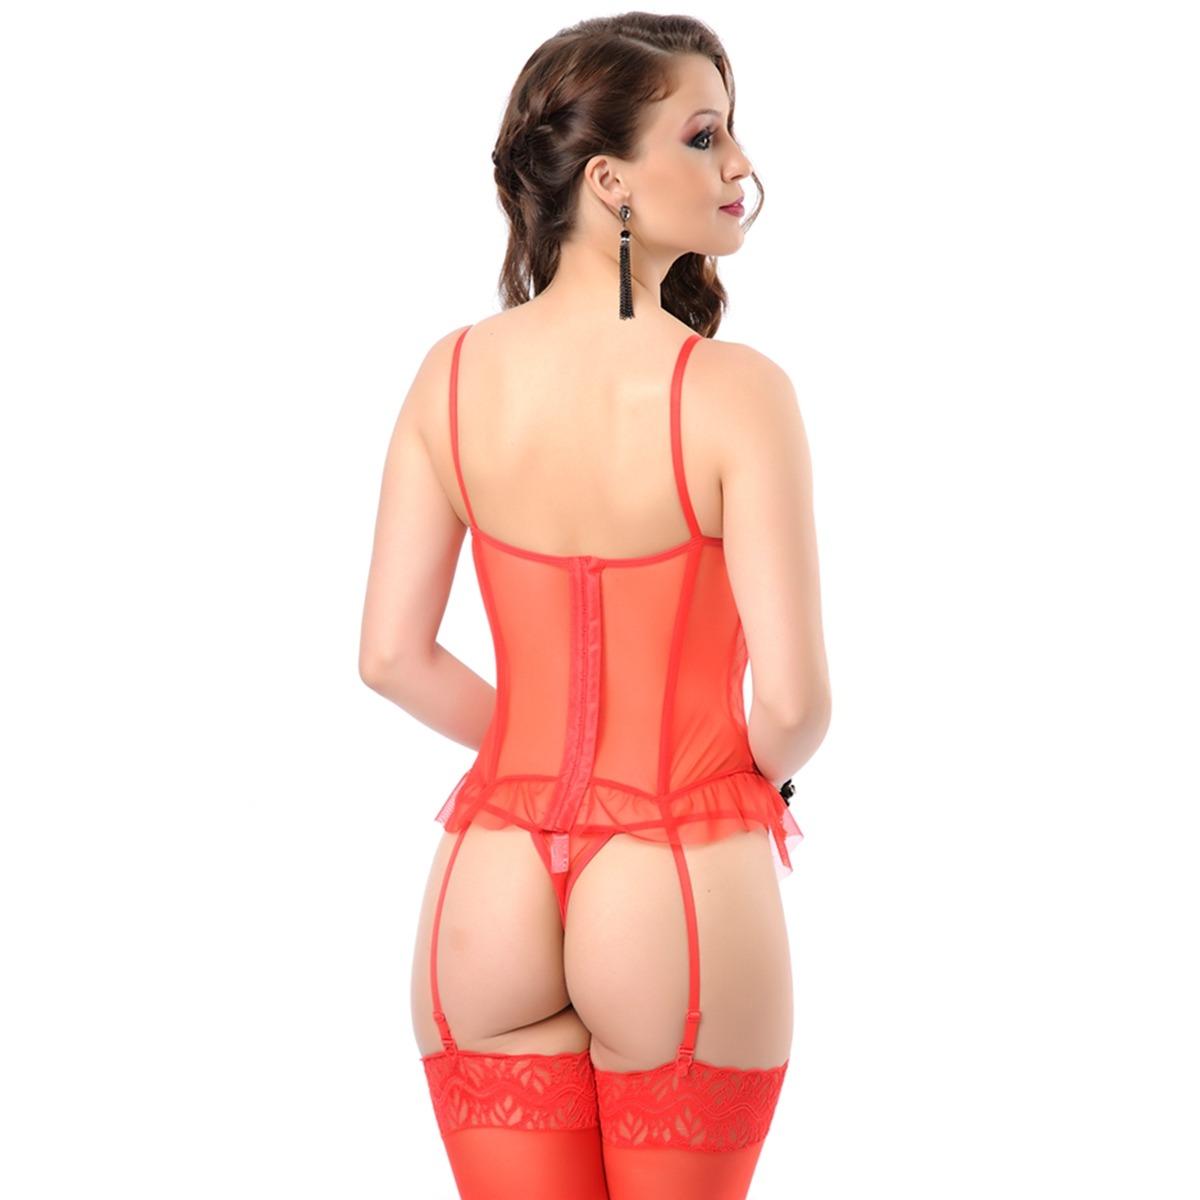 ad5adbc4f conjunto lingerie espartilho vermelho com detalhe feminino. Carregando zoom.